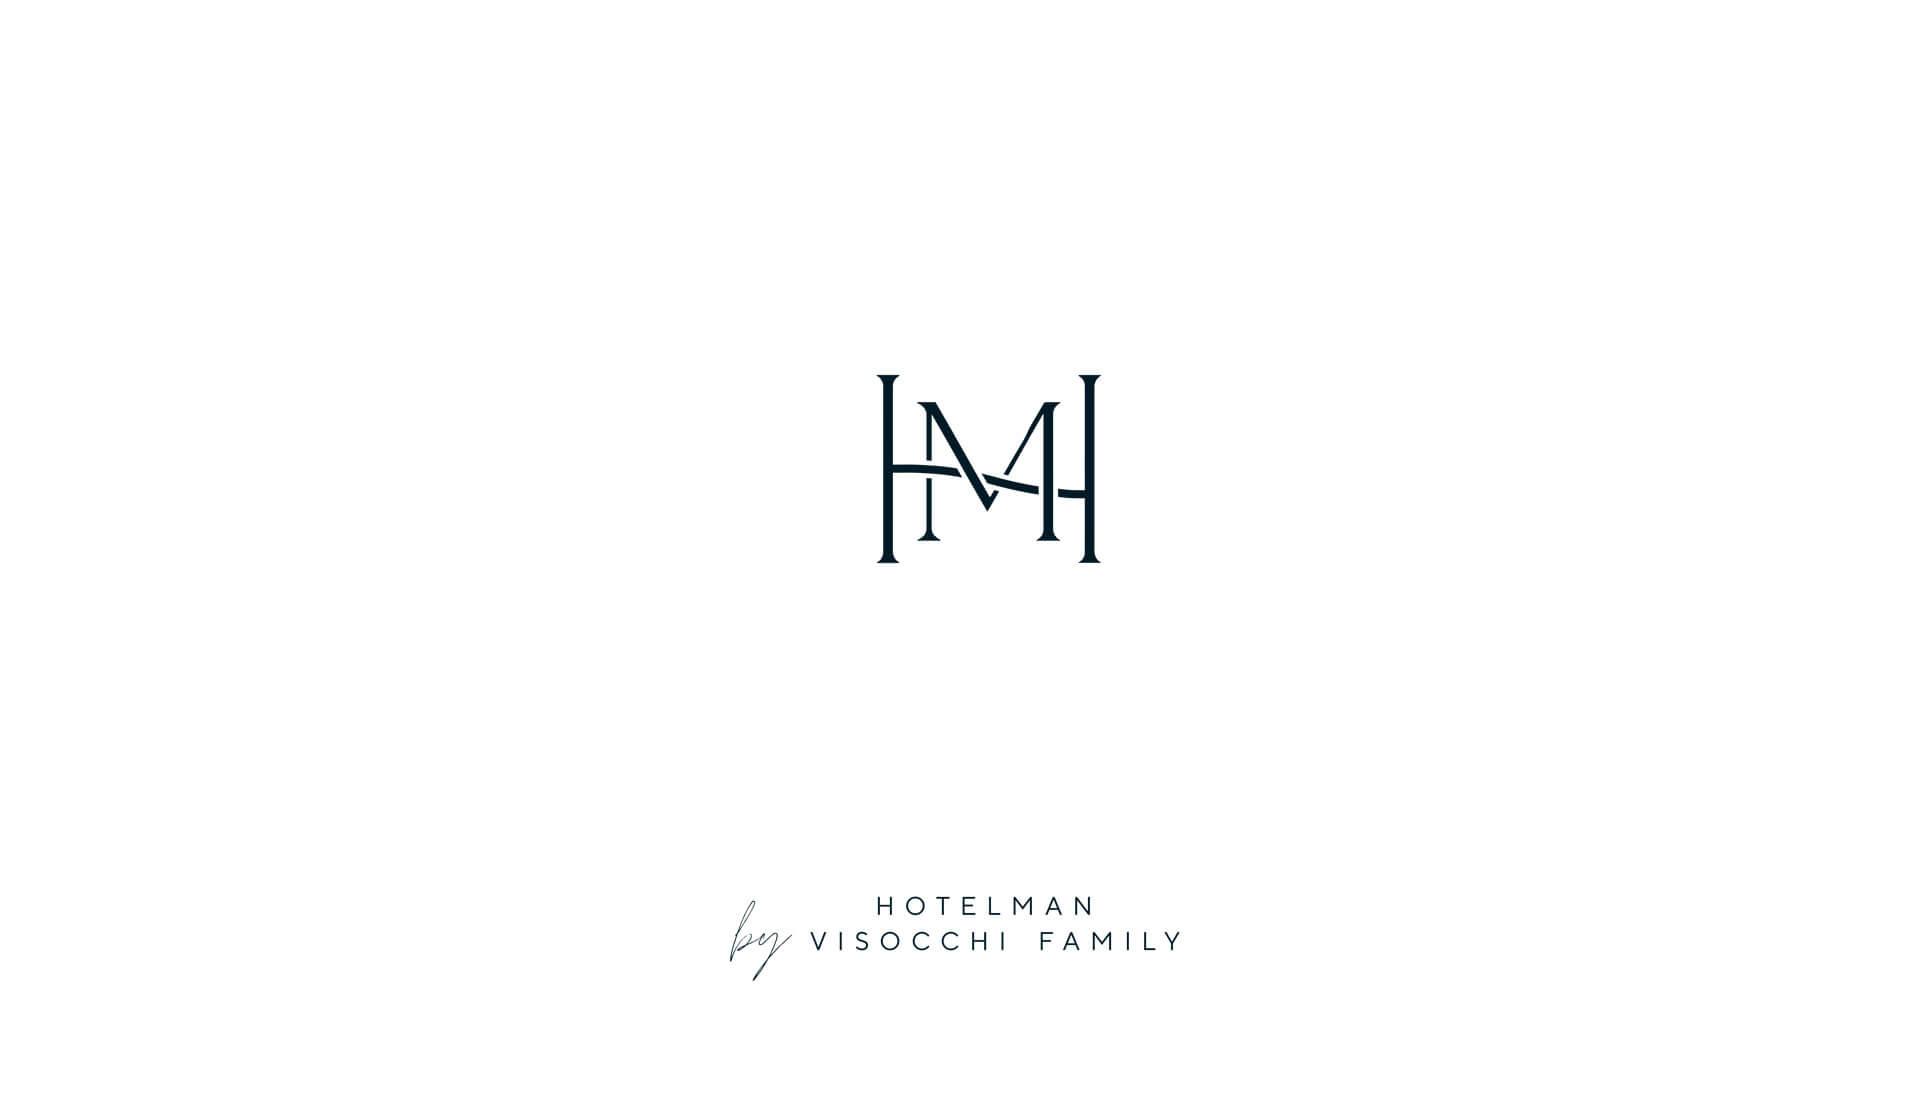 vissochi-hotelman-portfolio-3